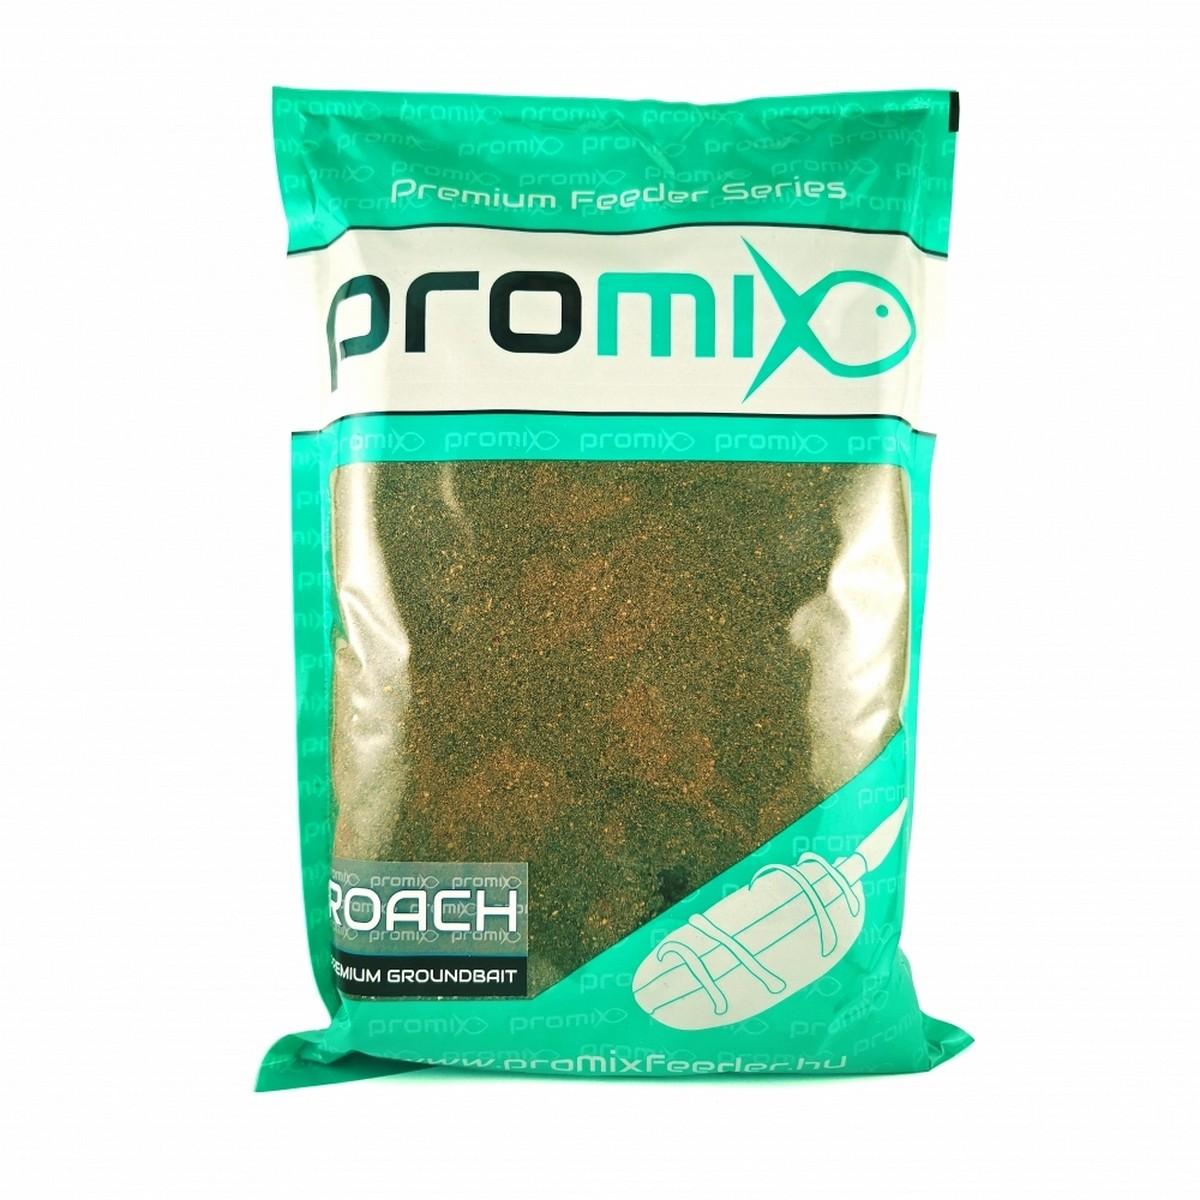 PROMIX ROACH 1000G